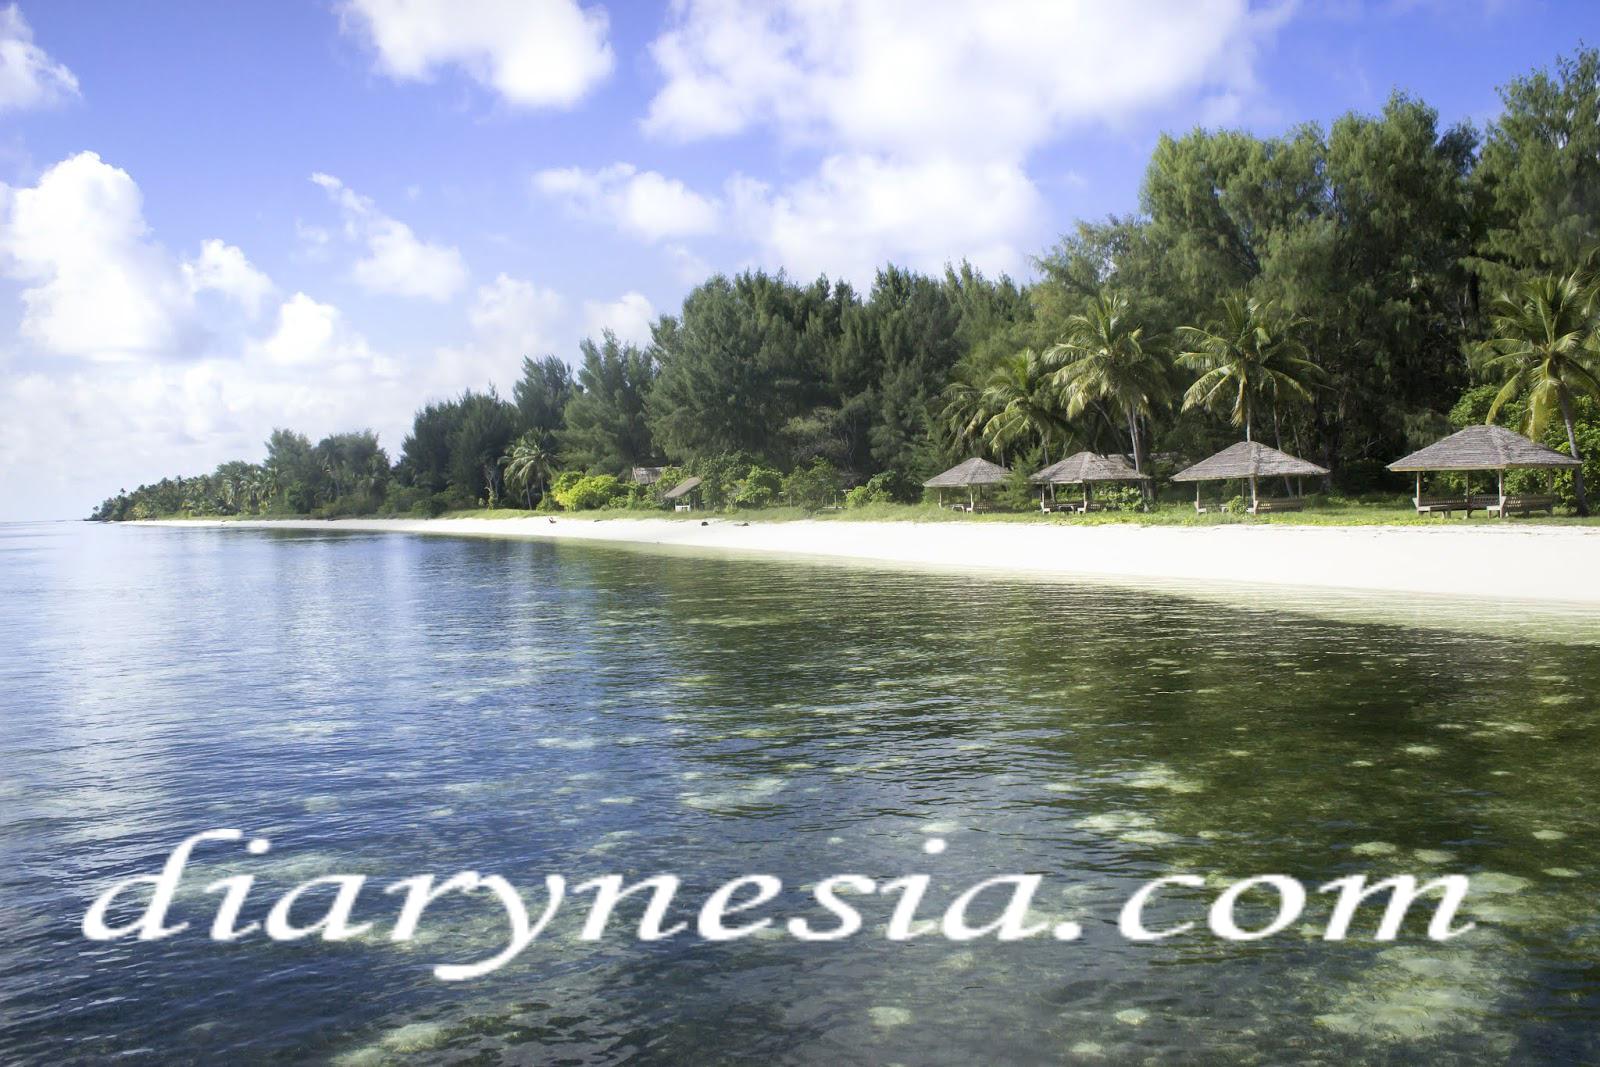 wakatobi tourism, South East Sulawesi, Wakatobi tourist attraction, diarynesia